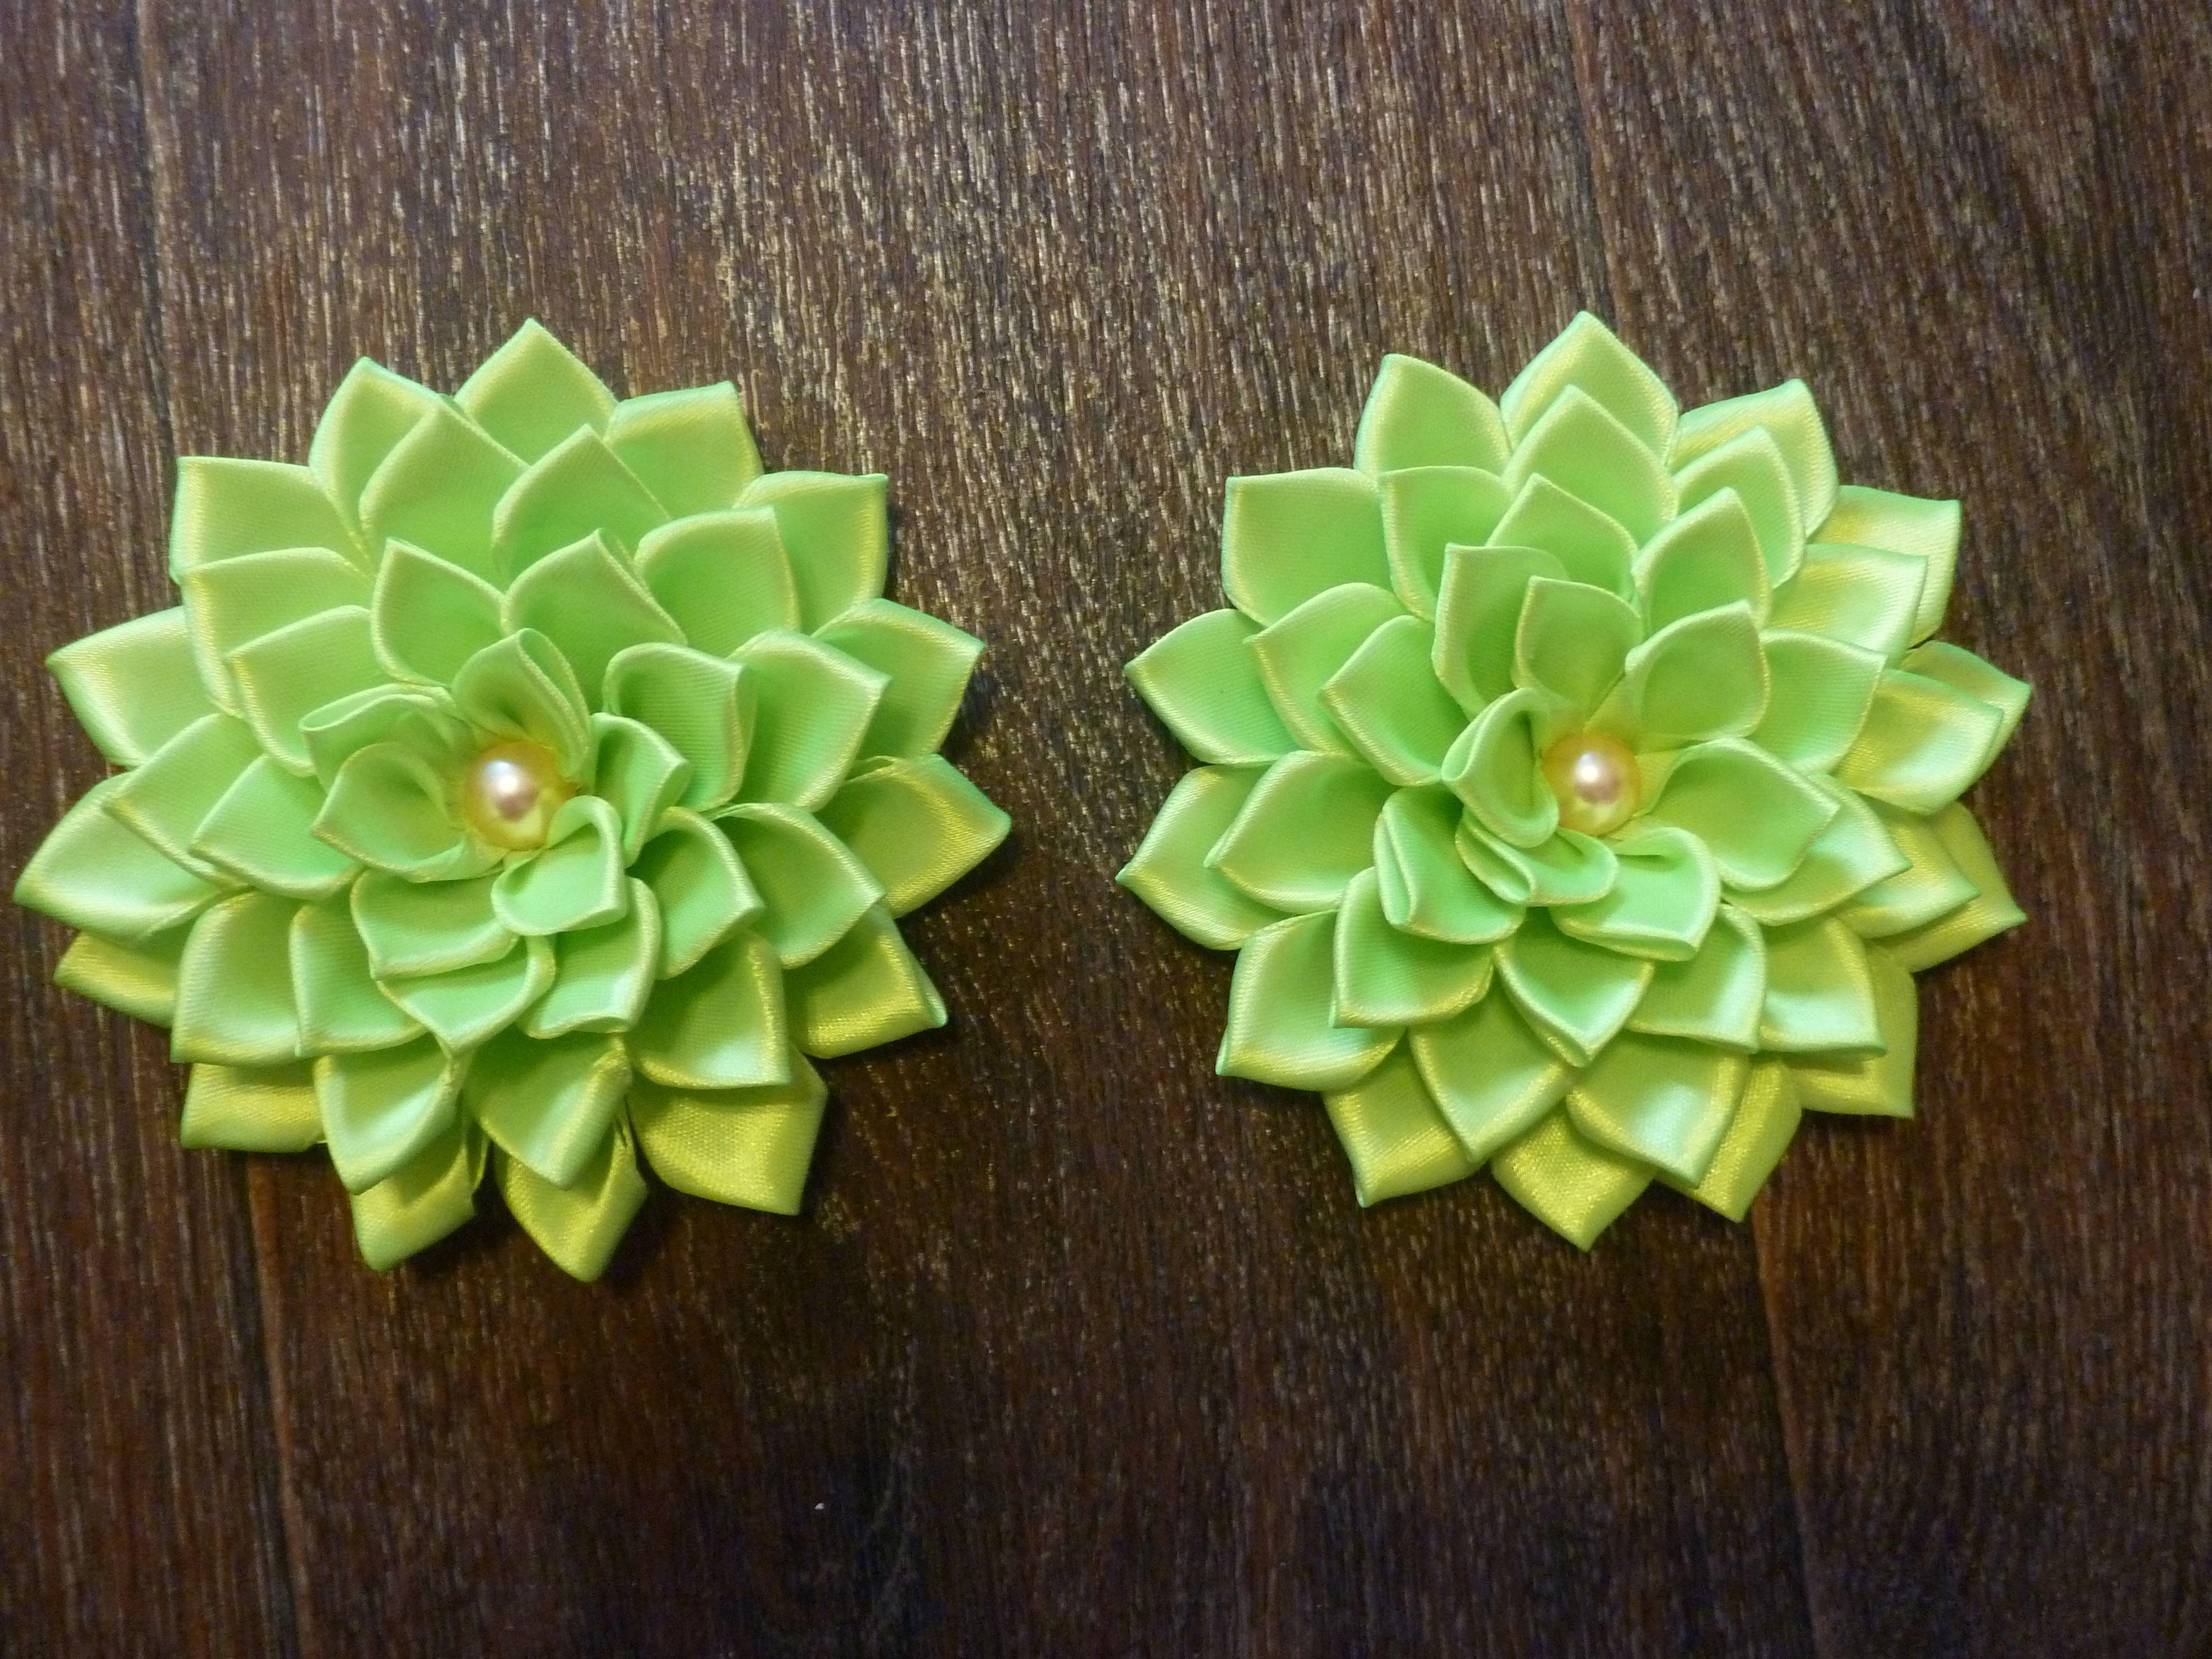 георгины. лента празднику к атласная канзаши цветы